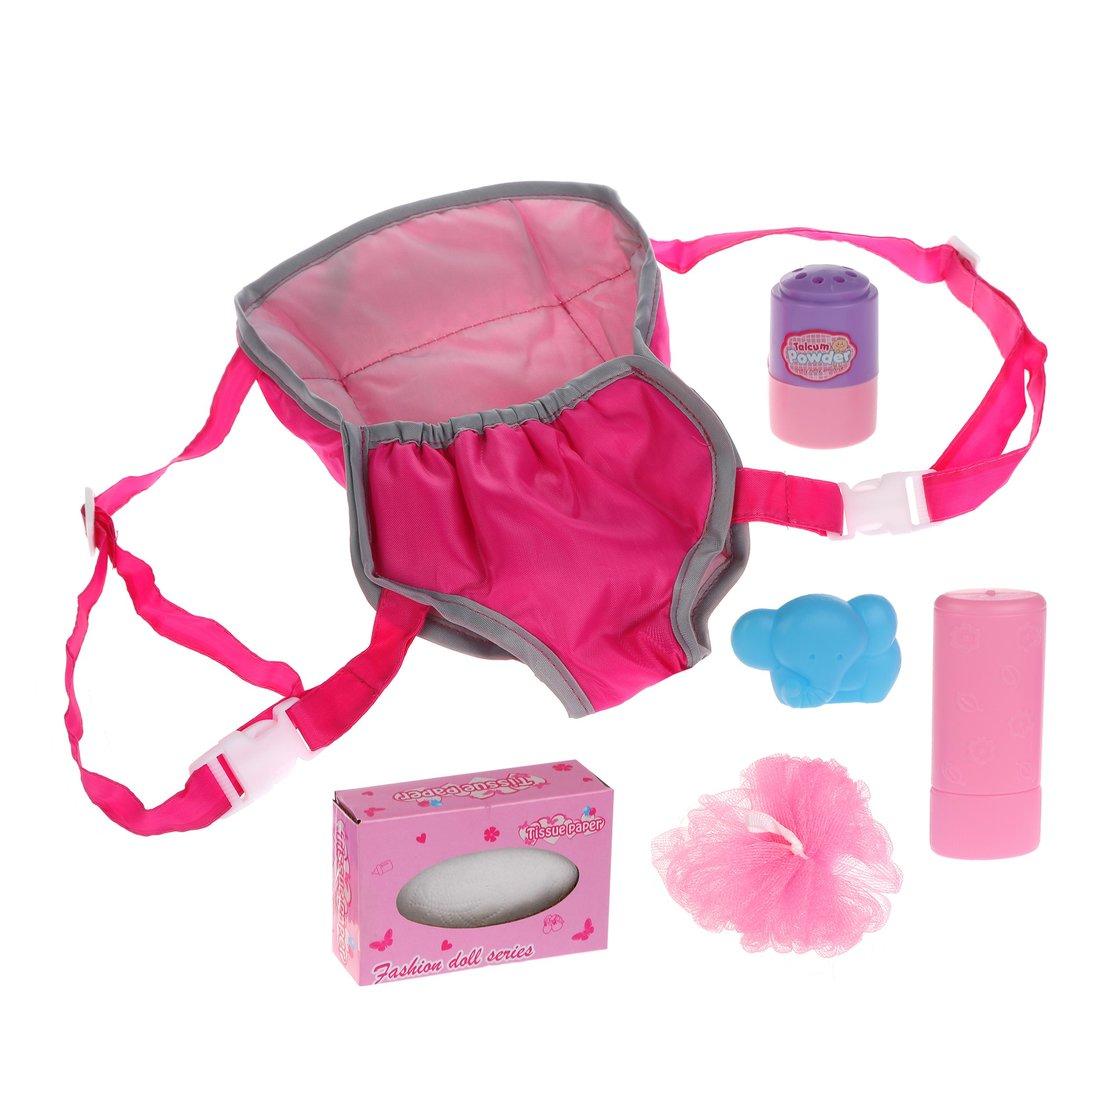 Купить Игровой набор Наша Игрушка Маленькая мама, 6 предметов 200309268, Наша игрушка,